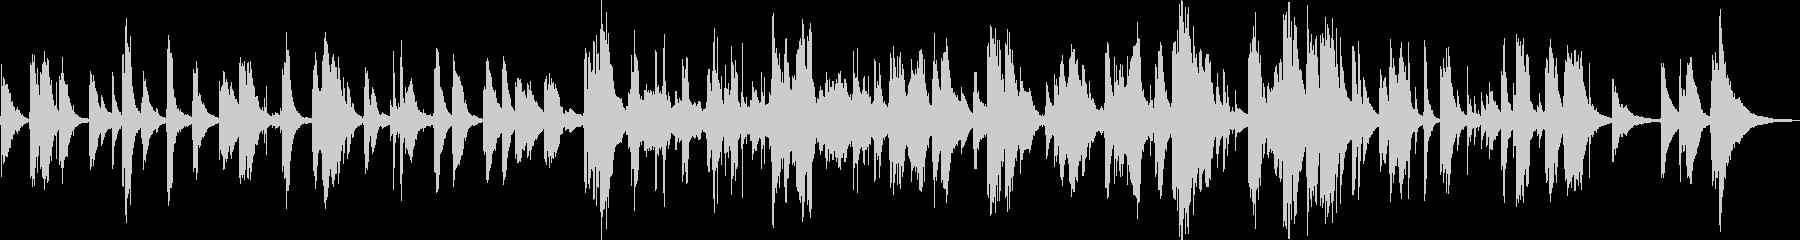 ピアノ~アメイジンググレイス愛のささやきの未再生の波形